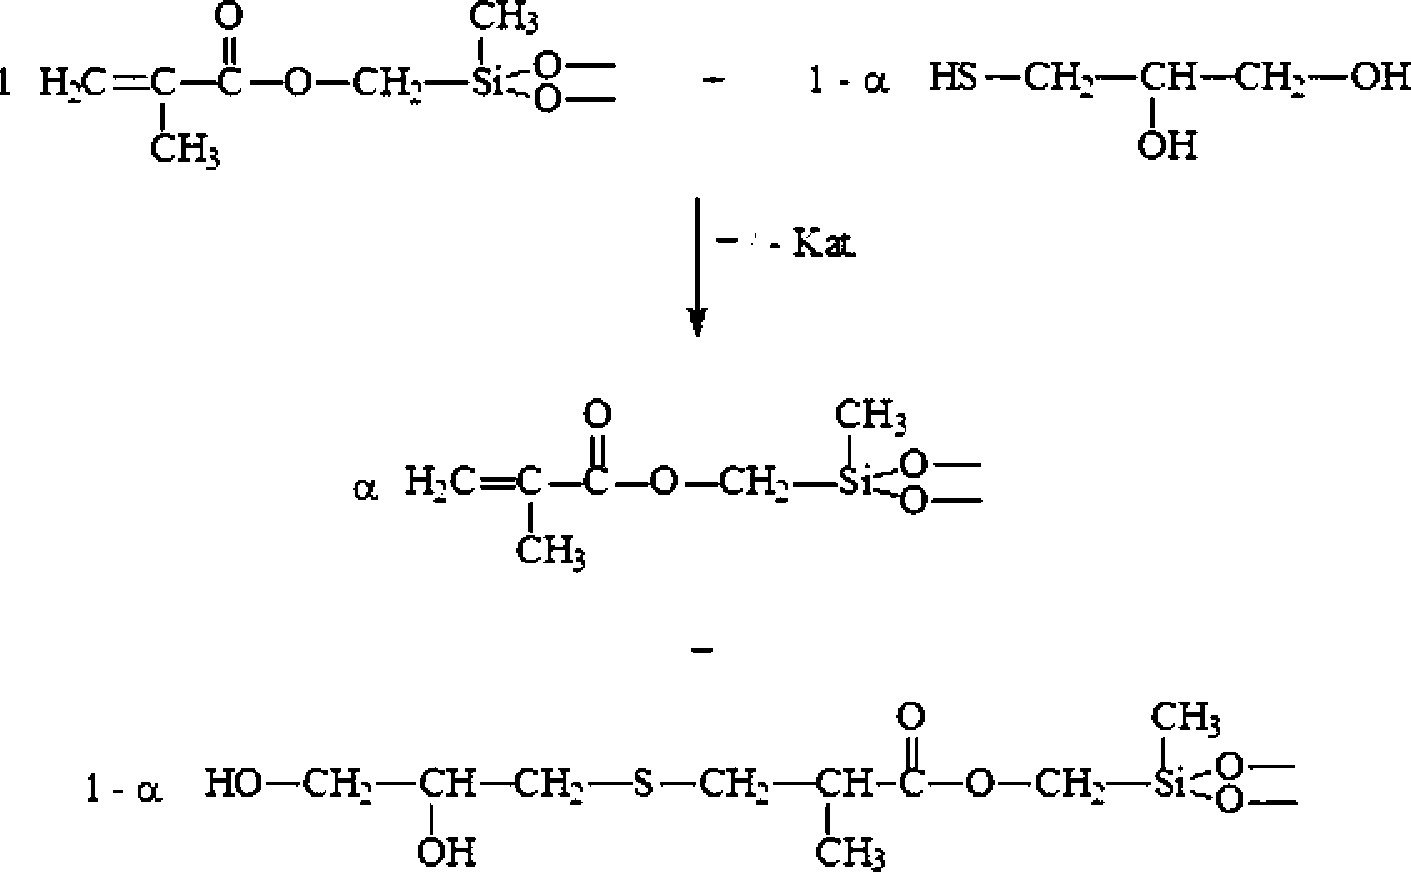 Figure DE102012109685A1_0007